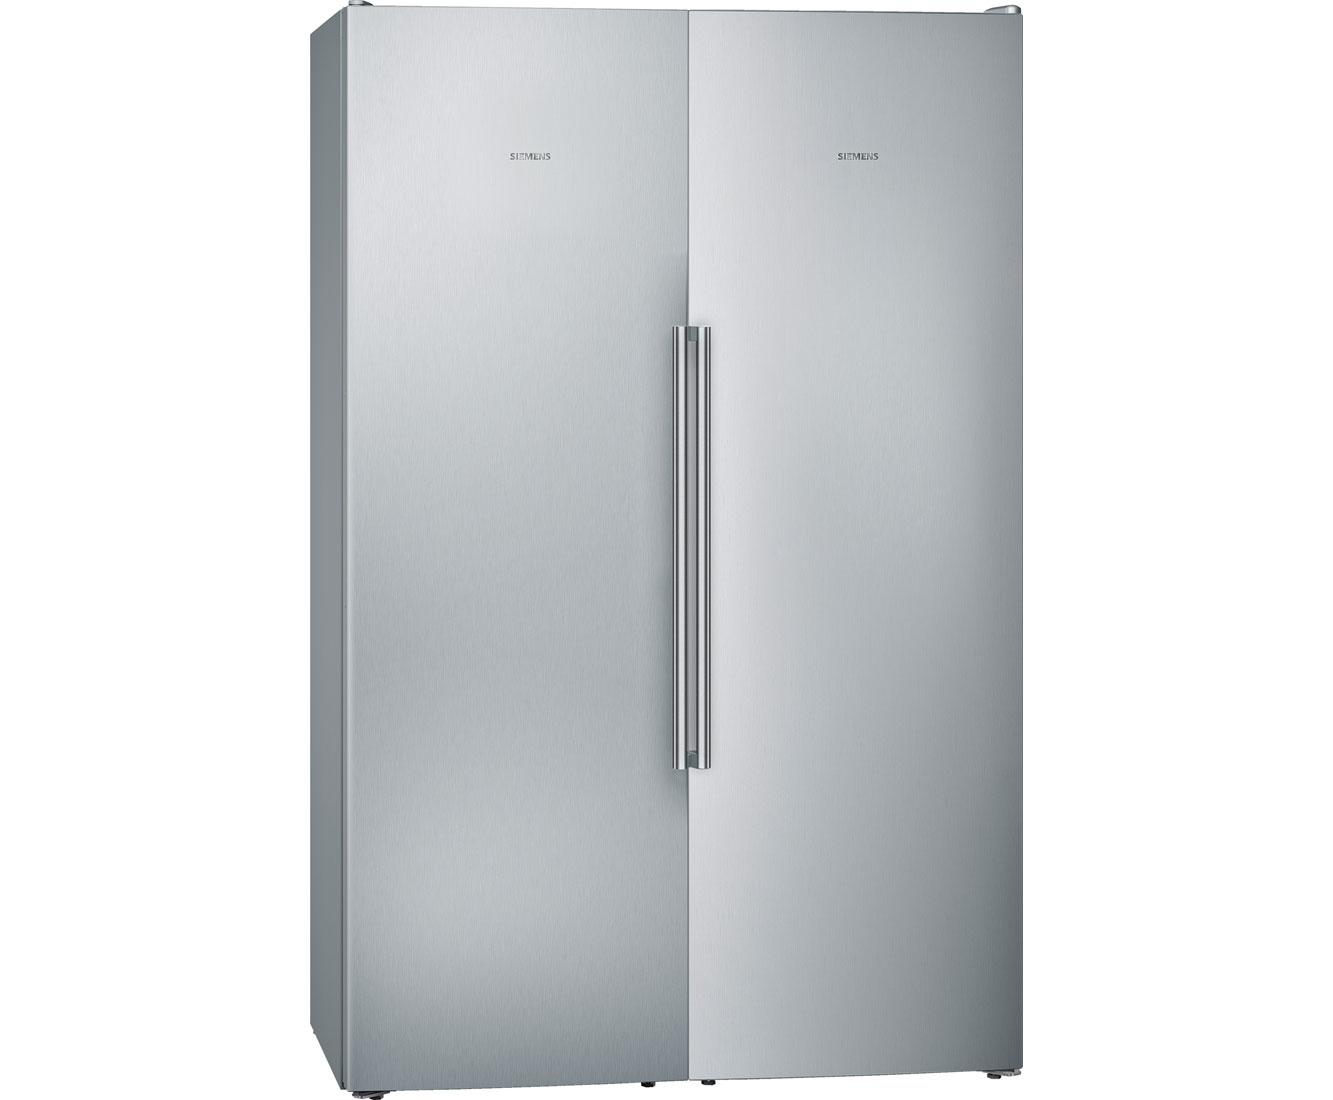 Side By Side Kühlschrank Preisvergleich : Side by side kühlschrank lg preisvergleich lg electronics gsj